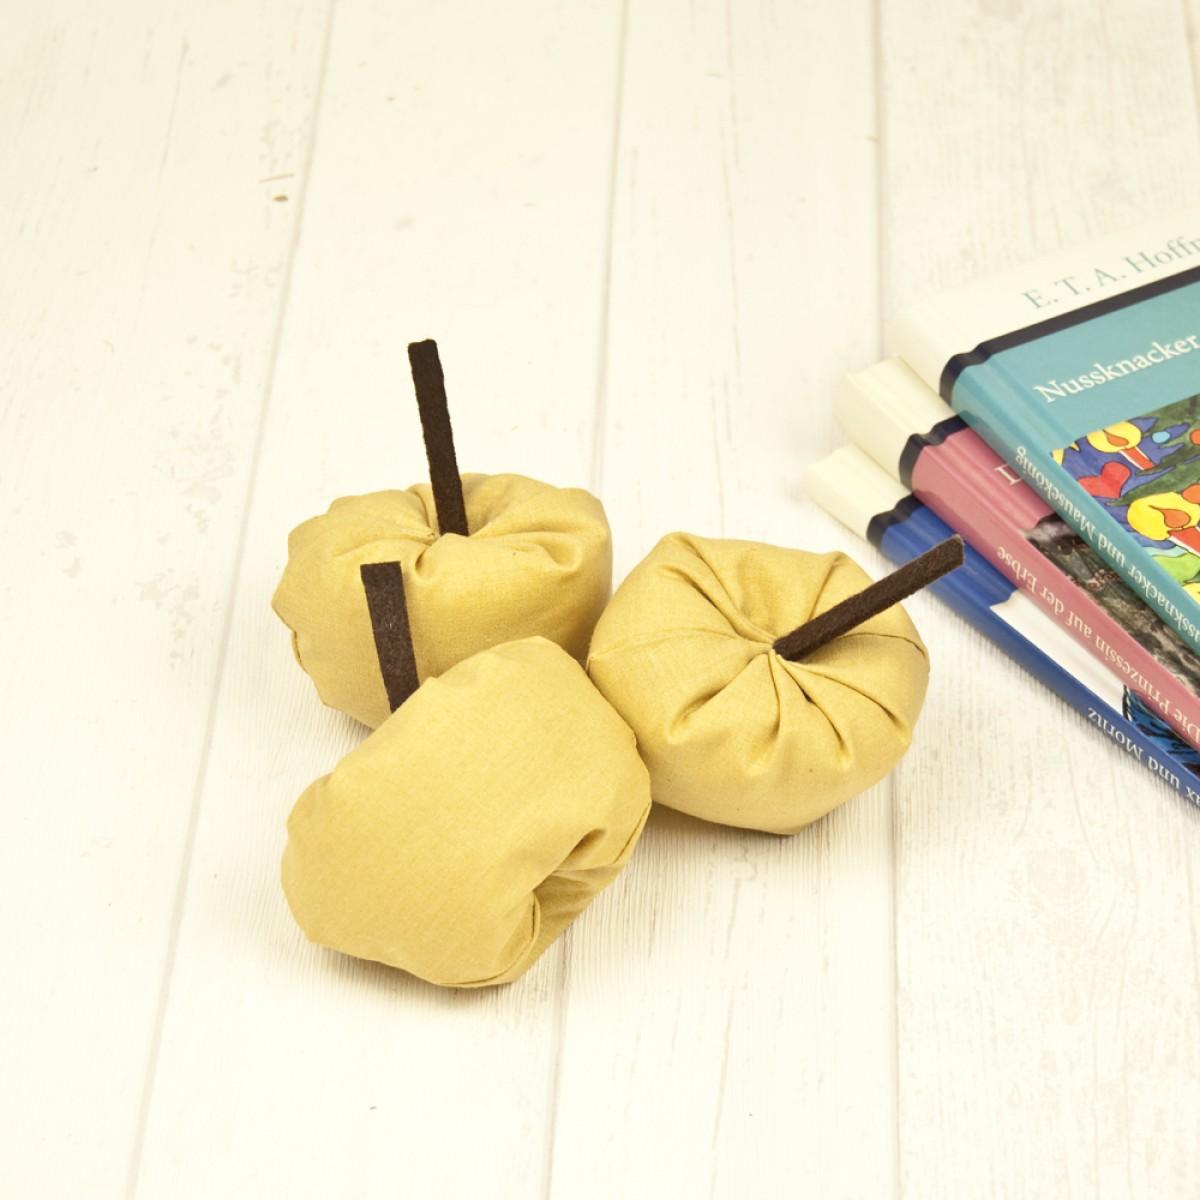 hasenkinder - Stoffapfel gelb 3er Set - Spielzeug & Deko